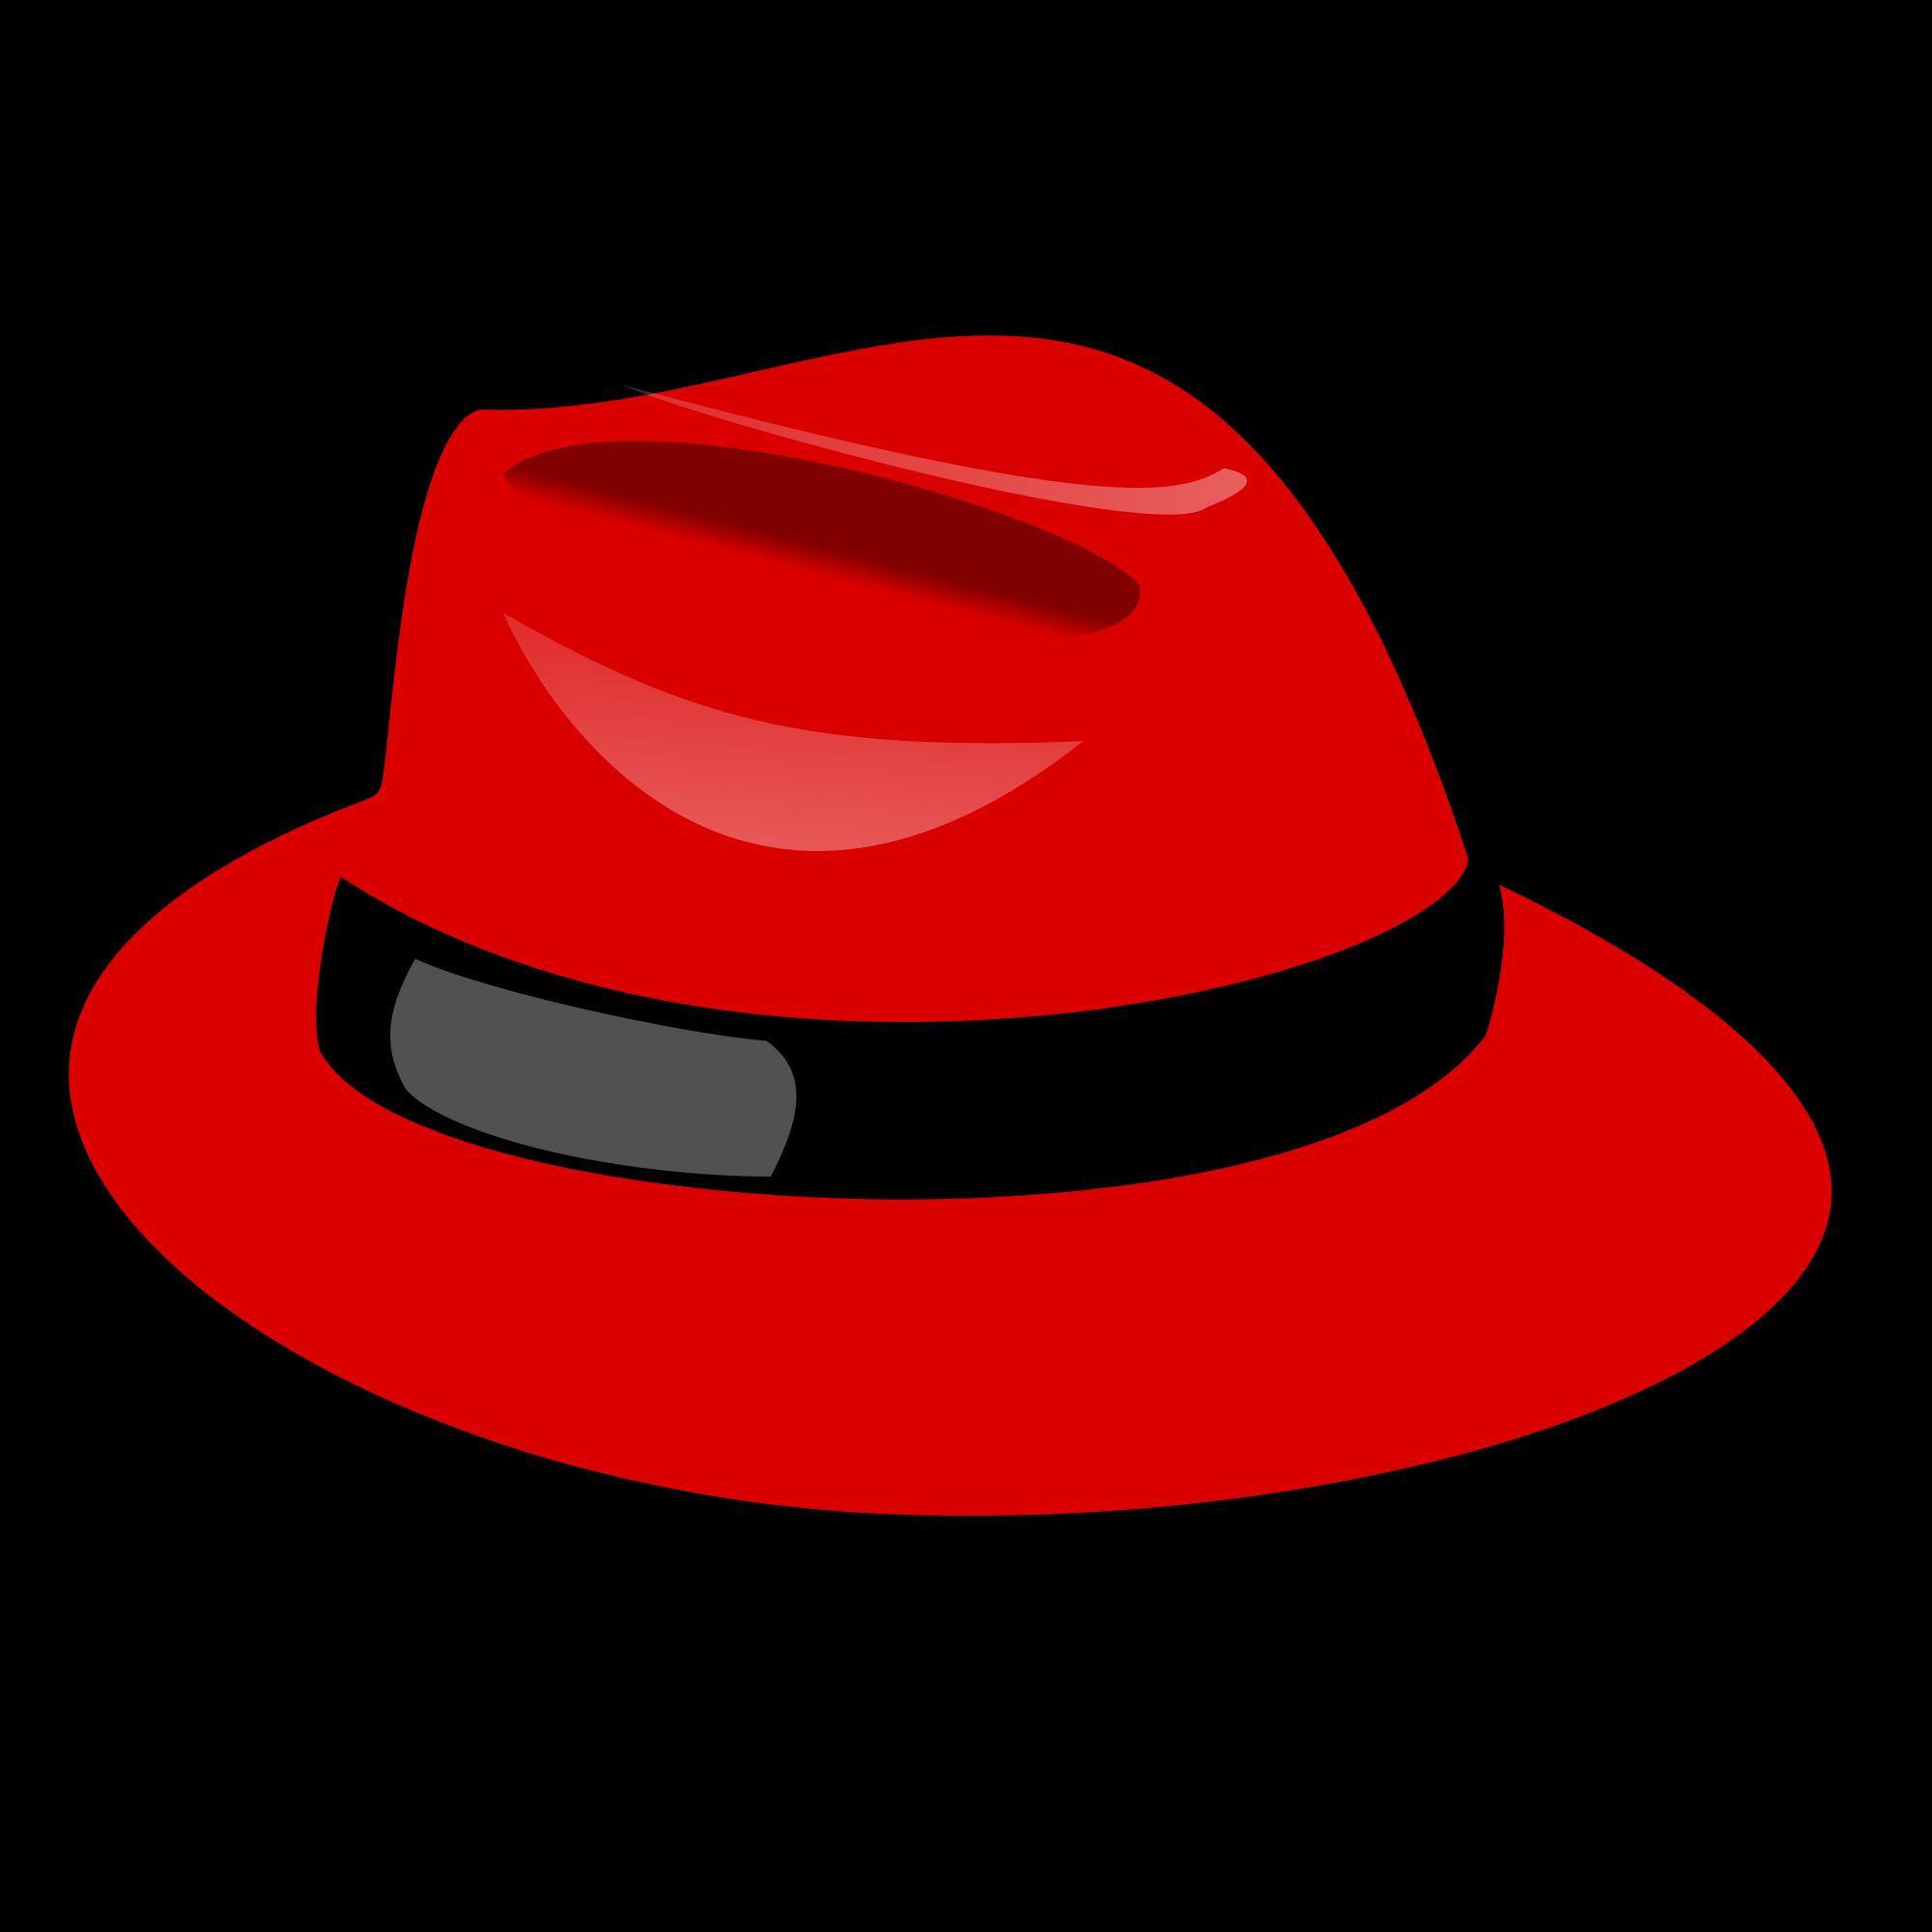 Datei red svg wikipedia. Fedora clipart hat aussie